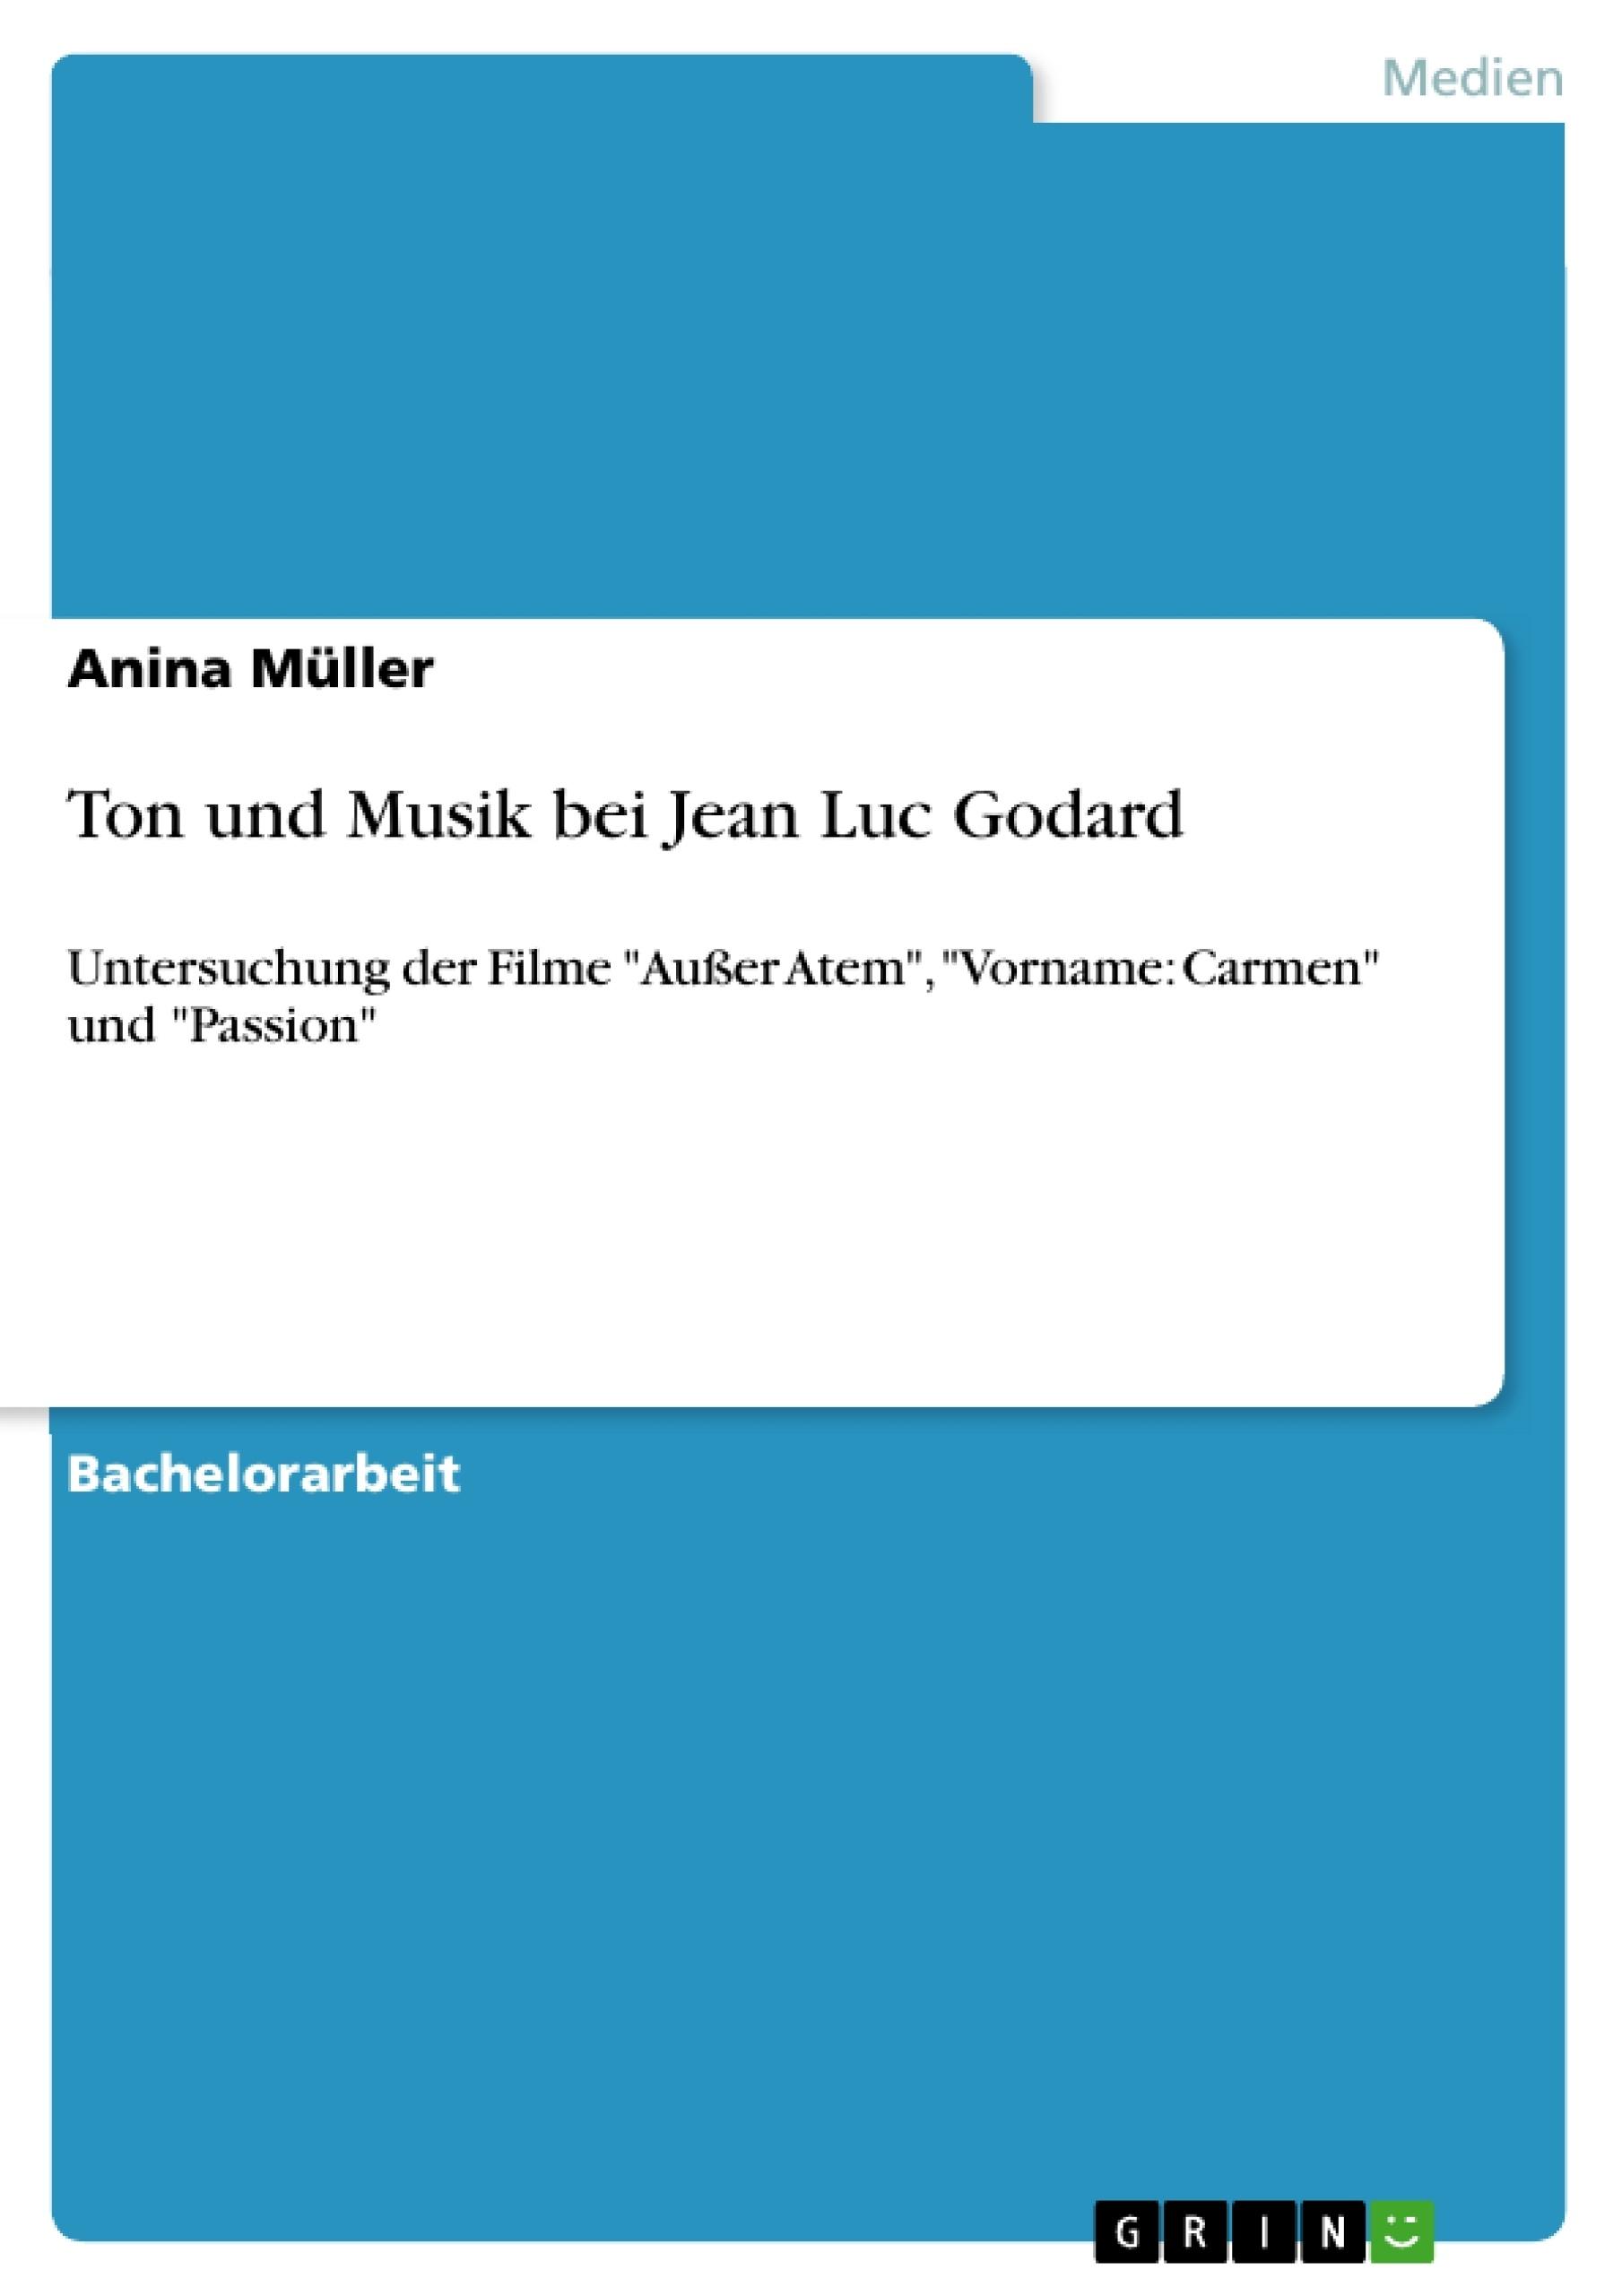 Titel: Ton und Musik bei Jean Luc Godard